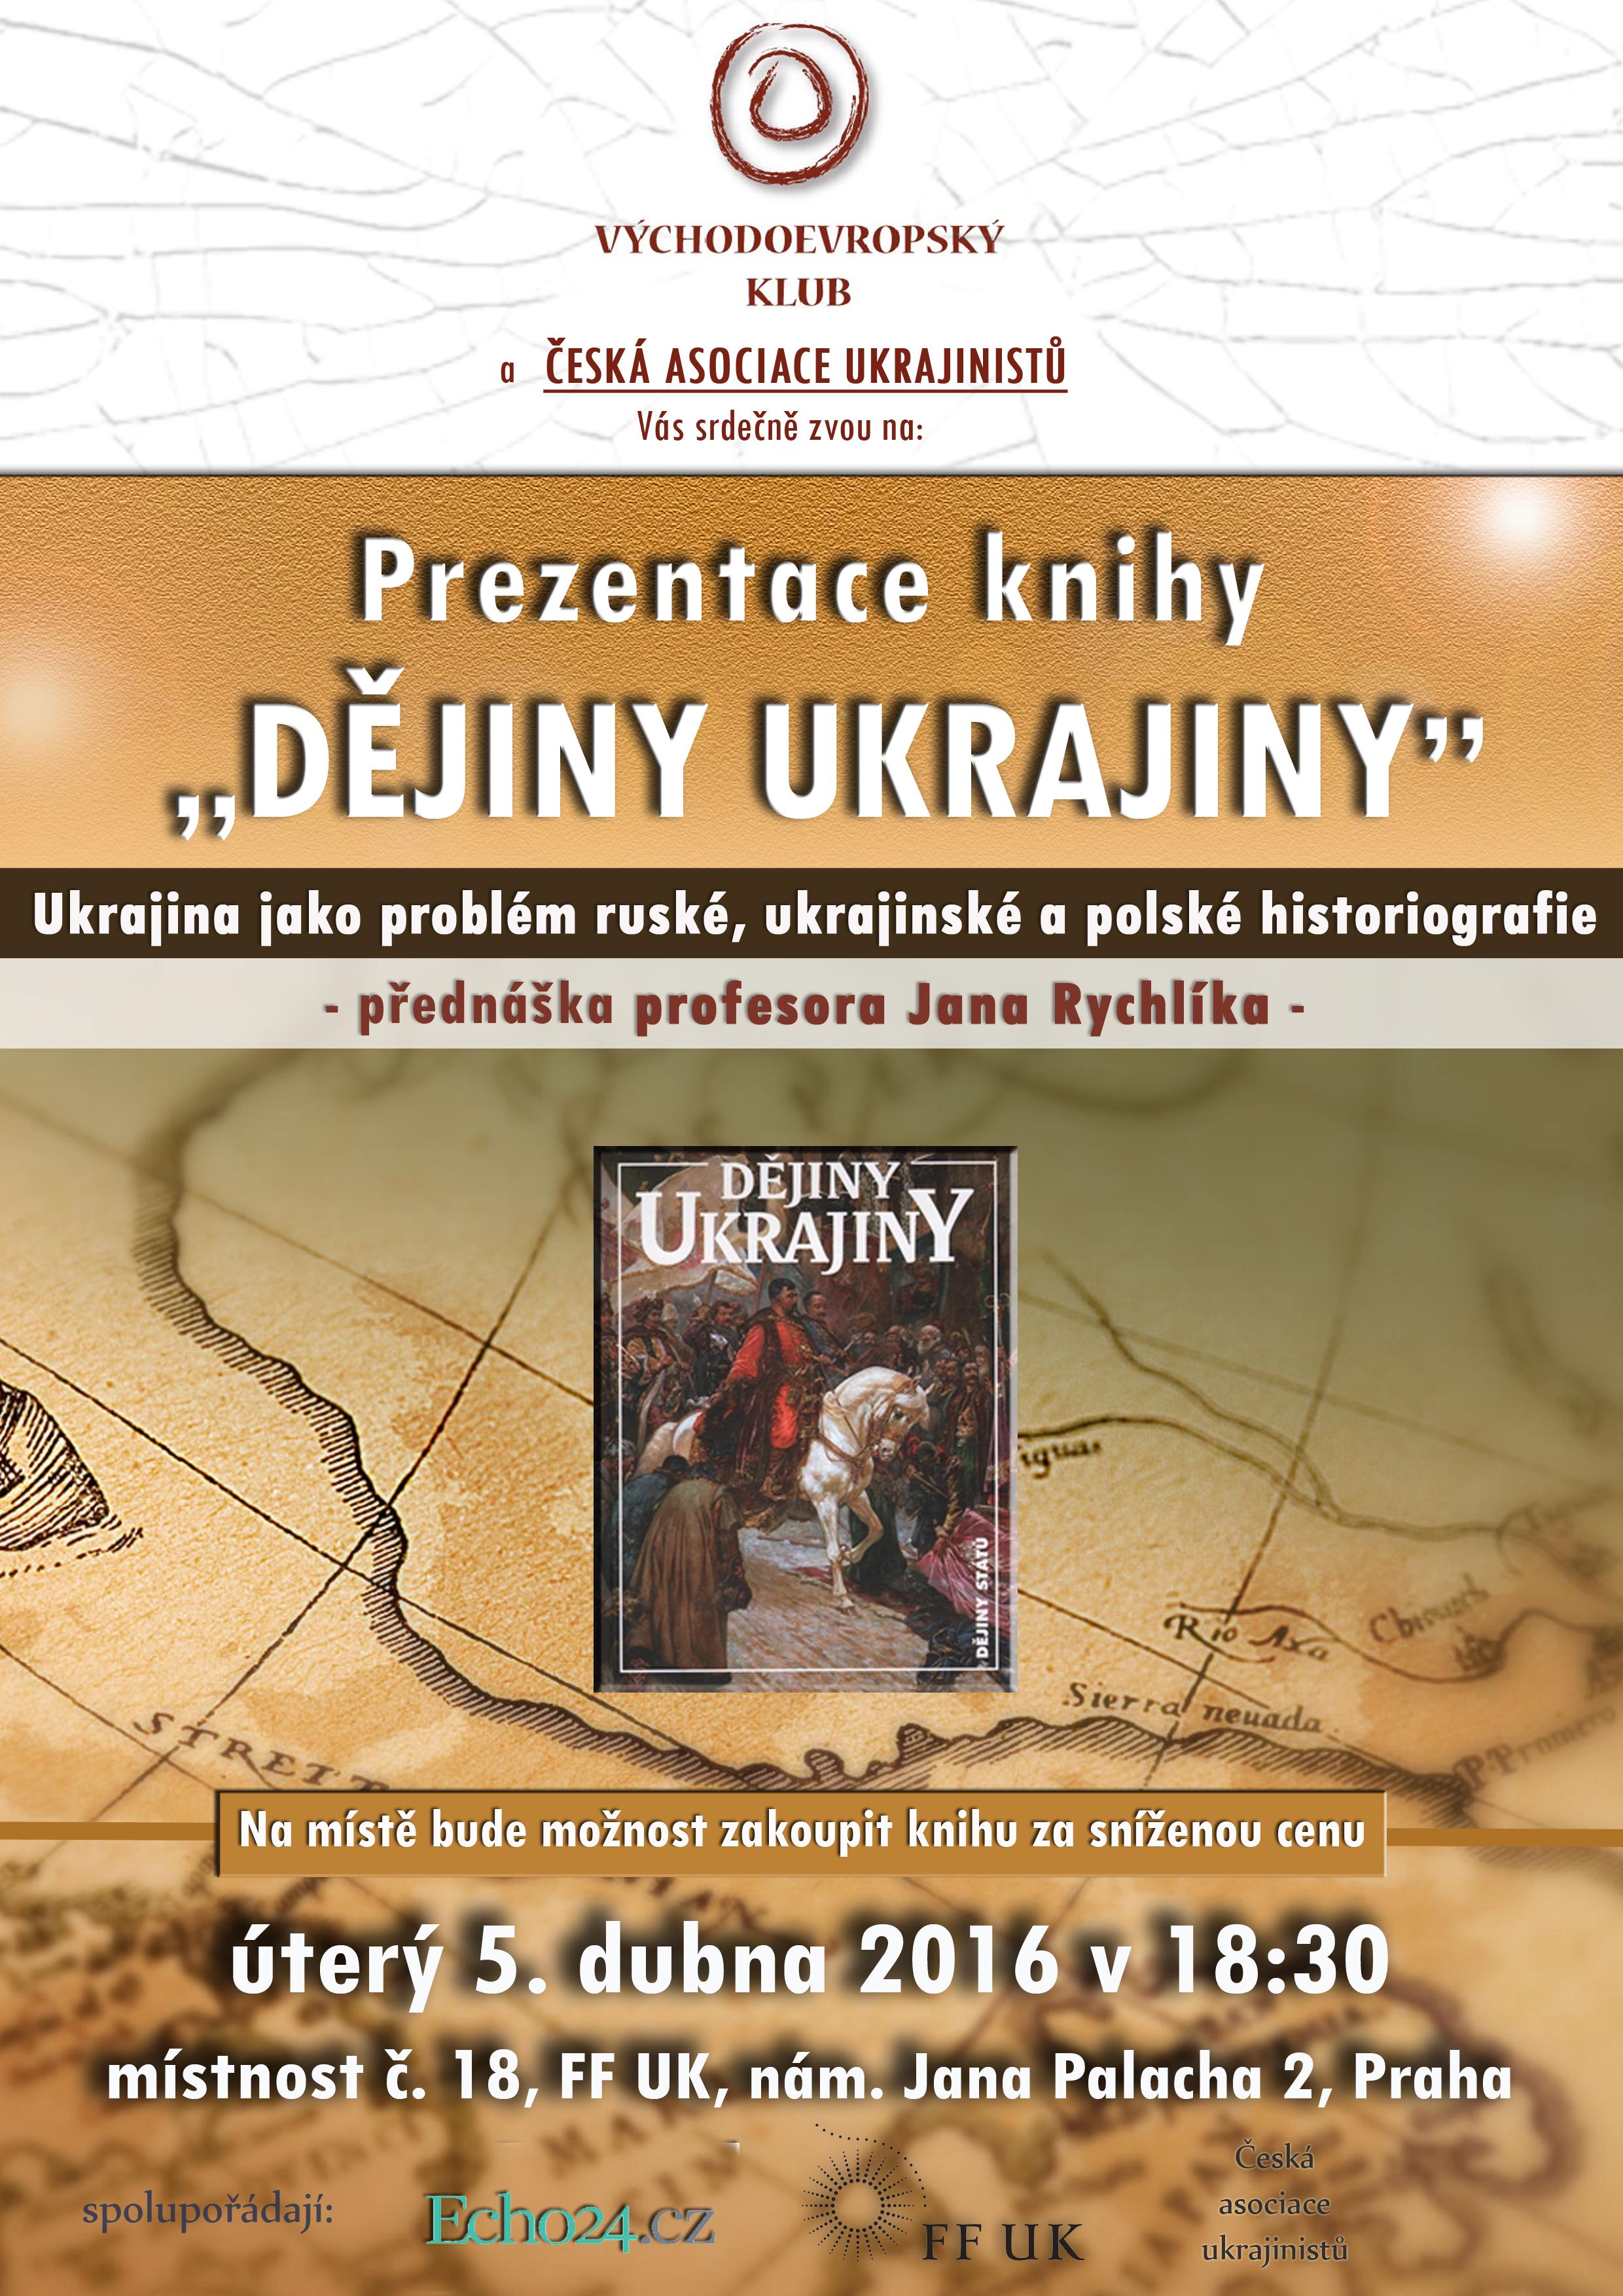 Dějiny Ukrajiny copy